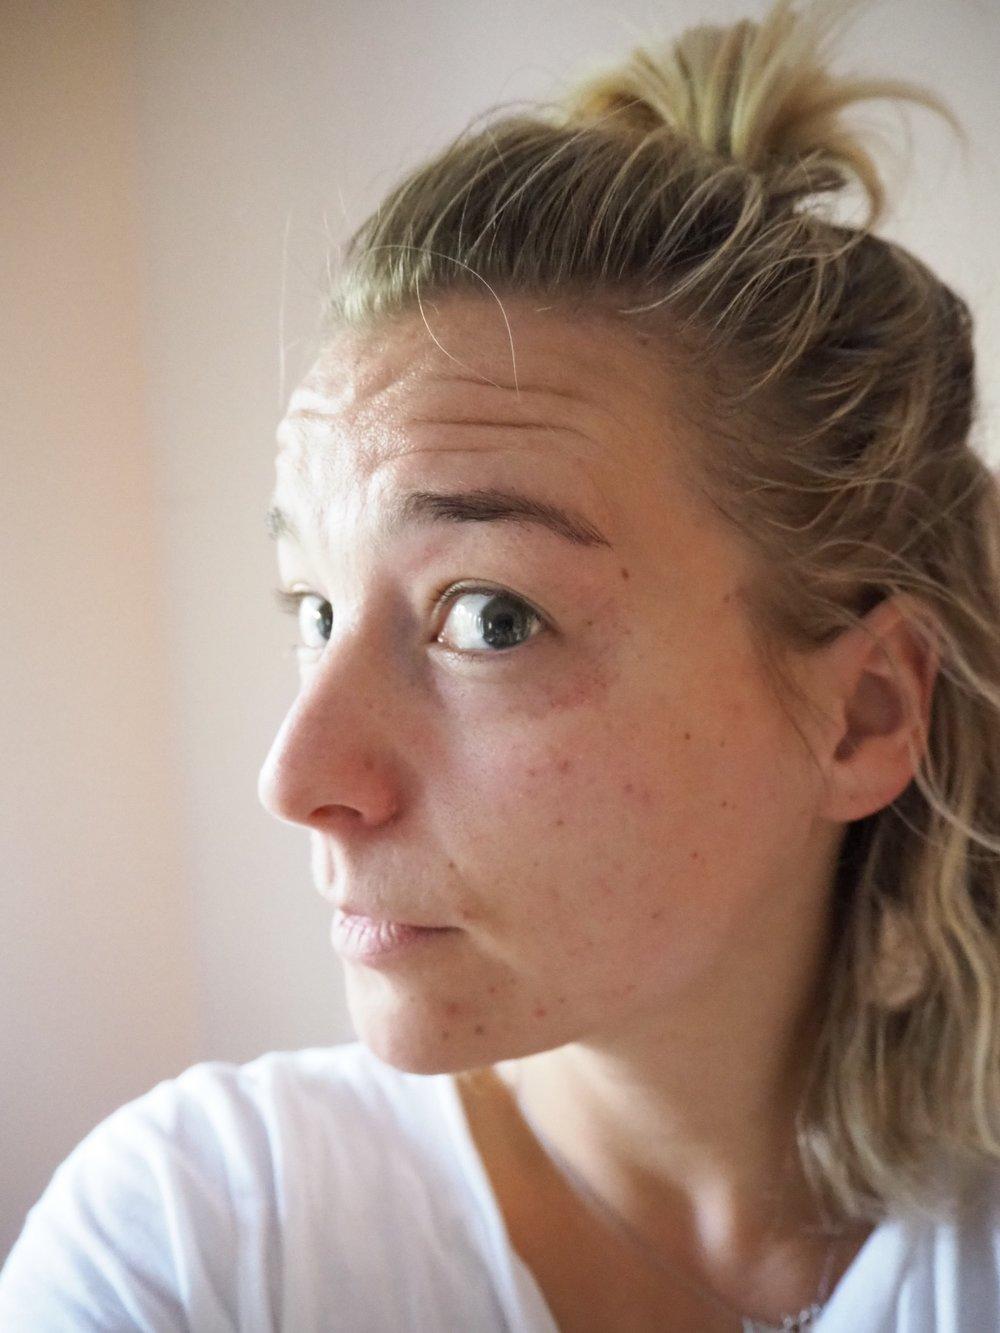 Takhle jsem vypadala den po zákroku, v okolí očí stroupky a na pleti malé modřinky.